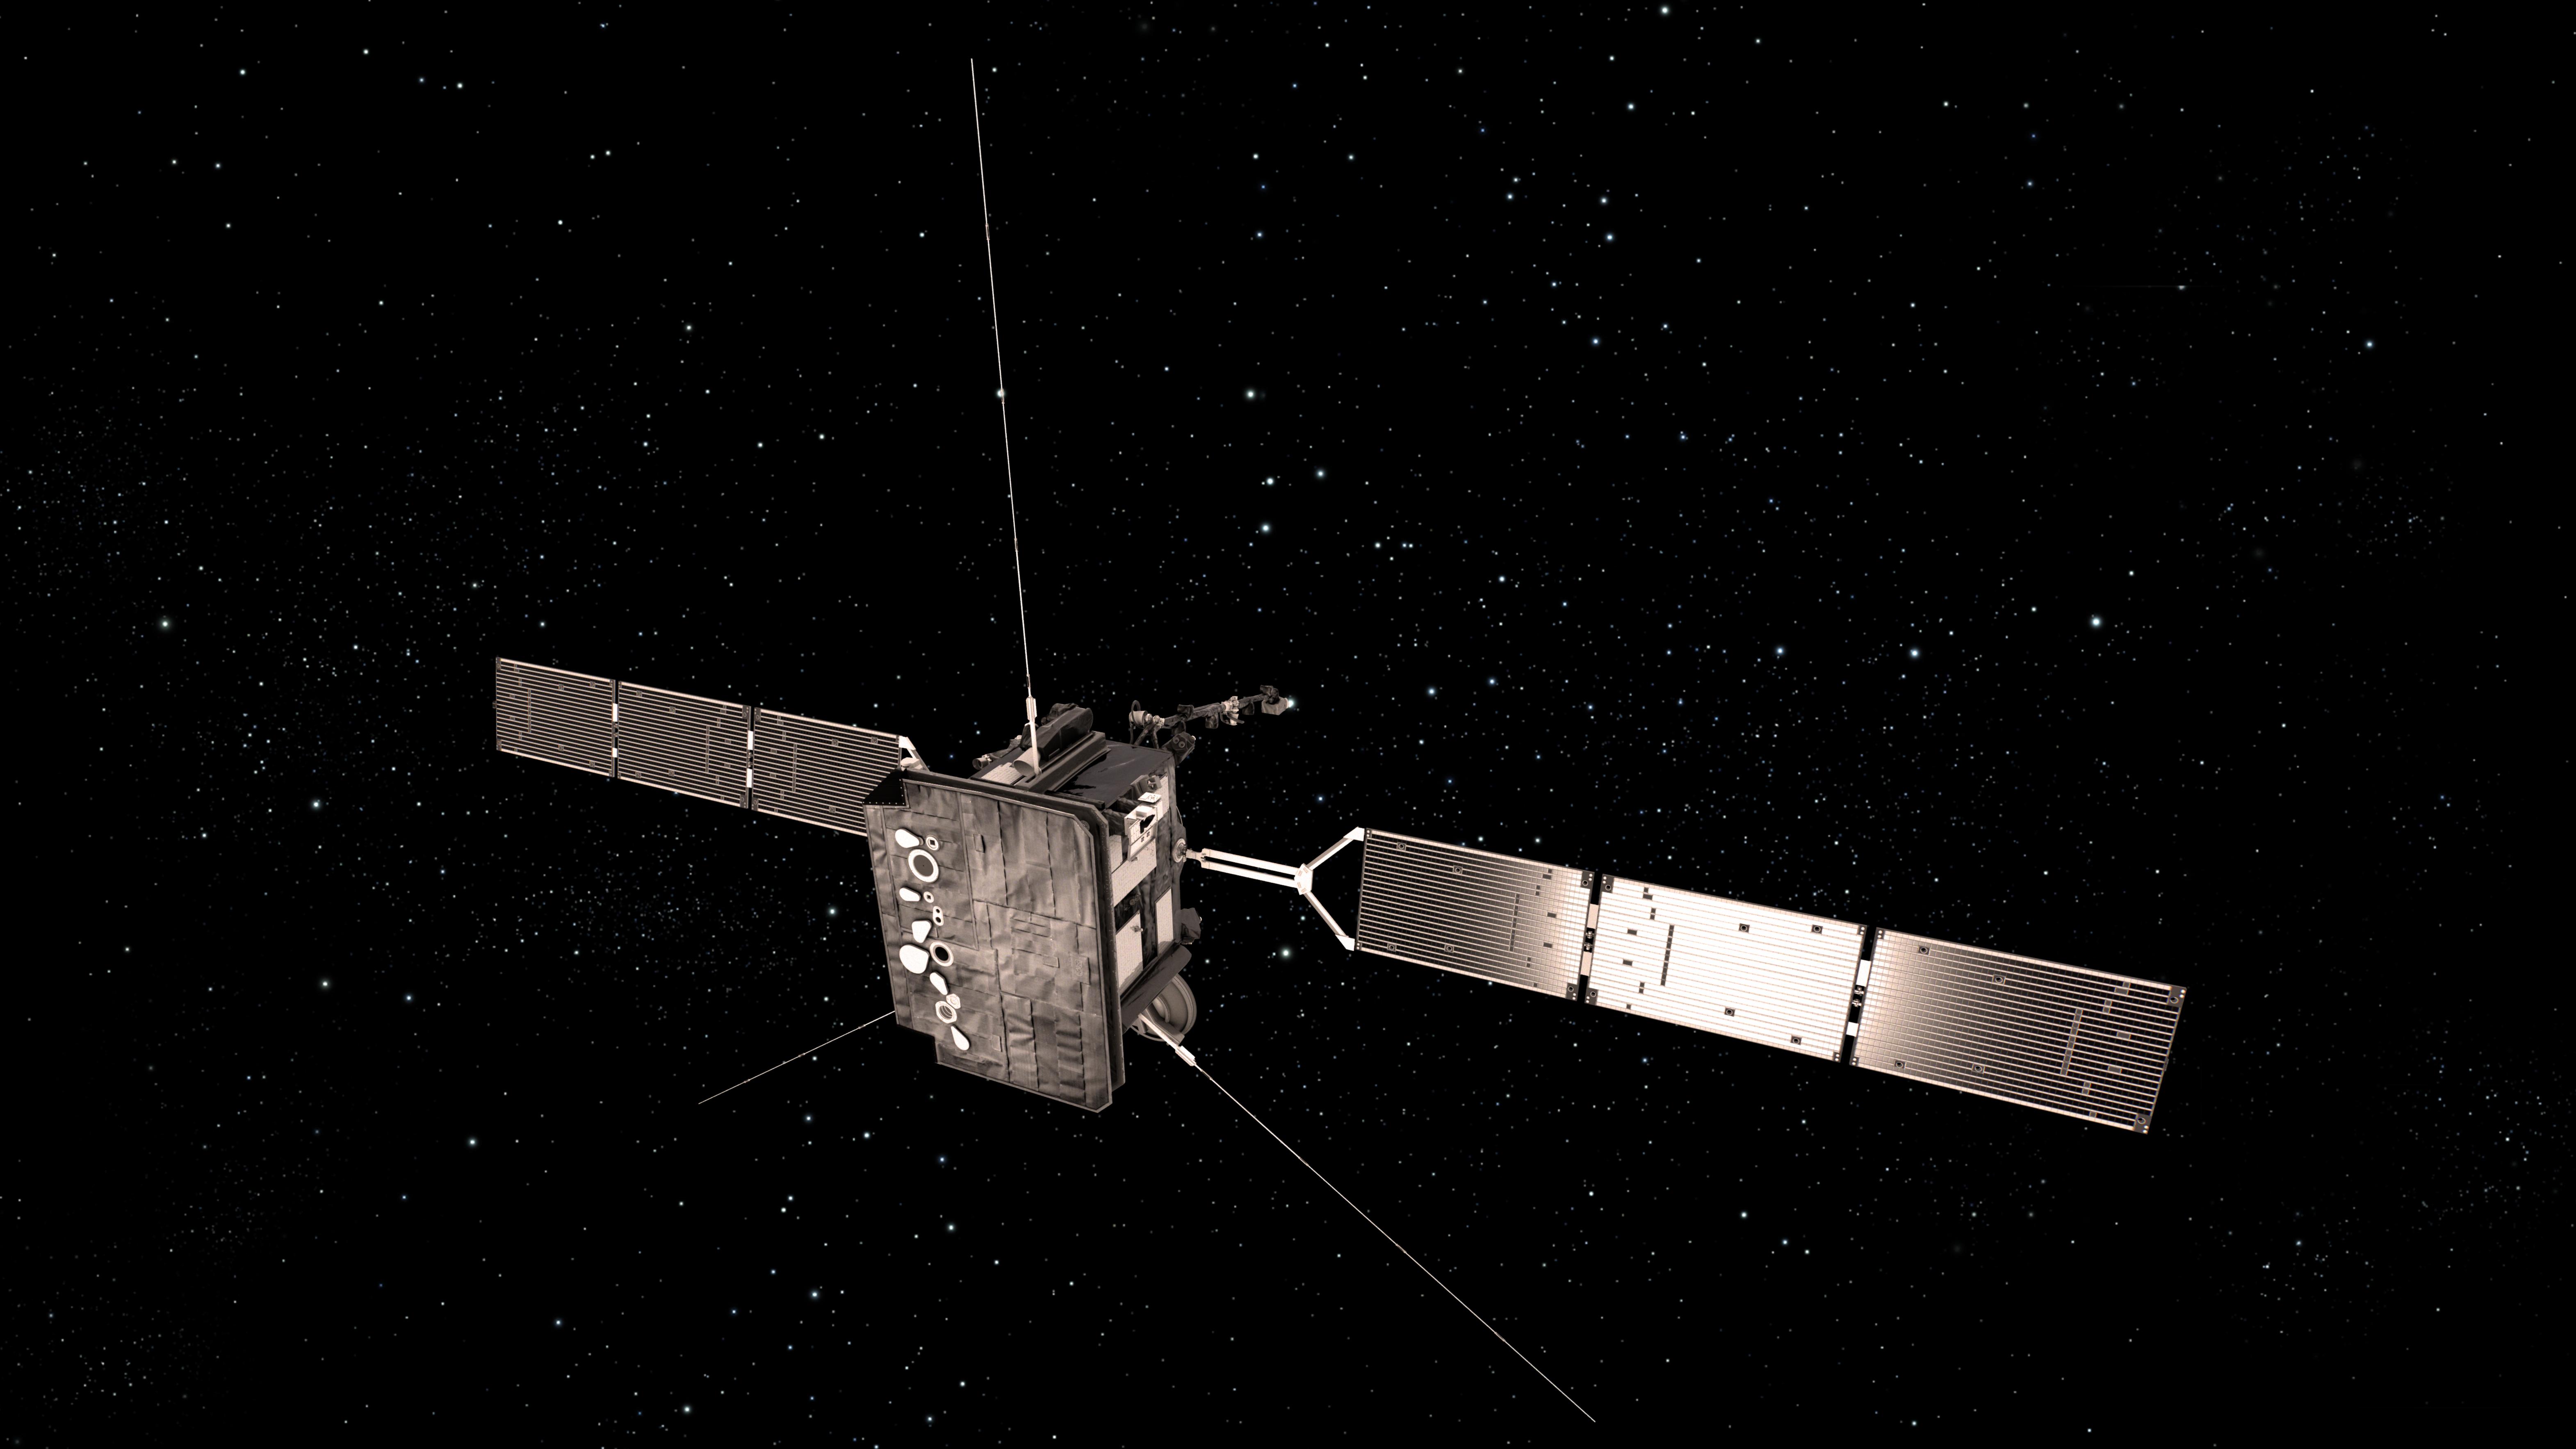 1567215708752-SolarOrbiter_spacecraft_warm_6200.jpg